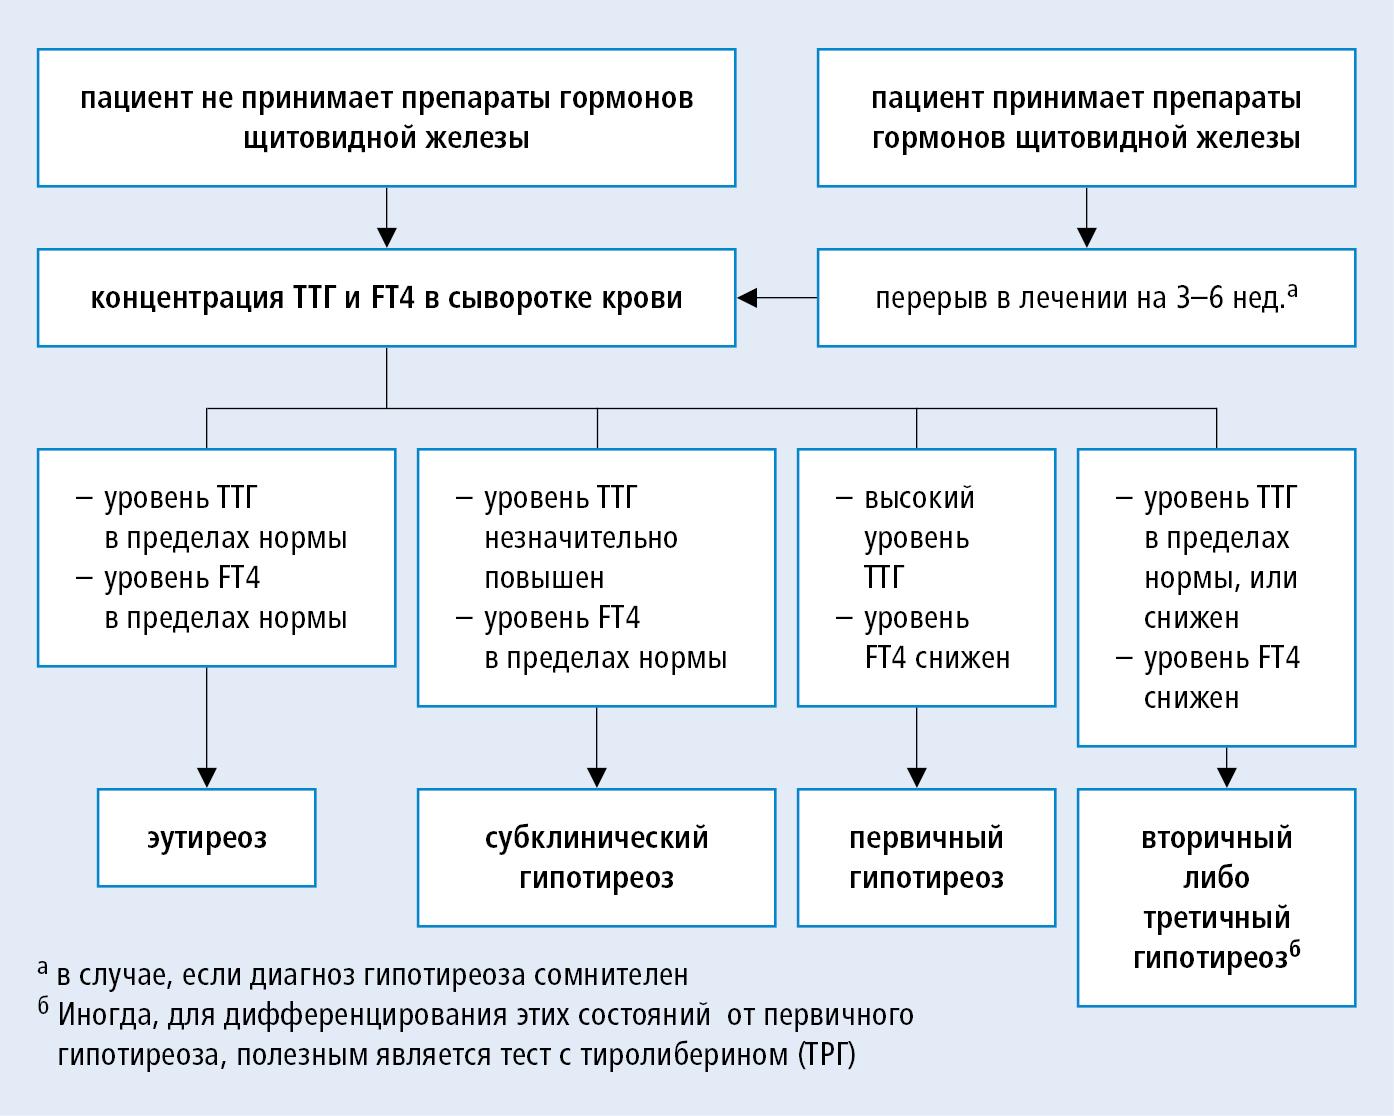 Субклинический гипотиреоз: симптомы и лечение, причины возникновения